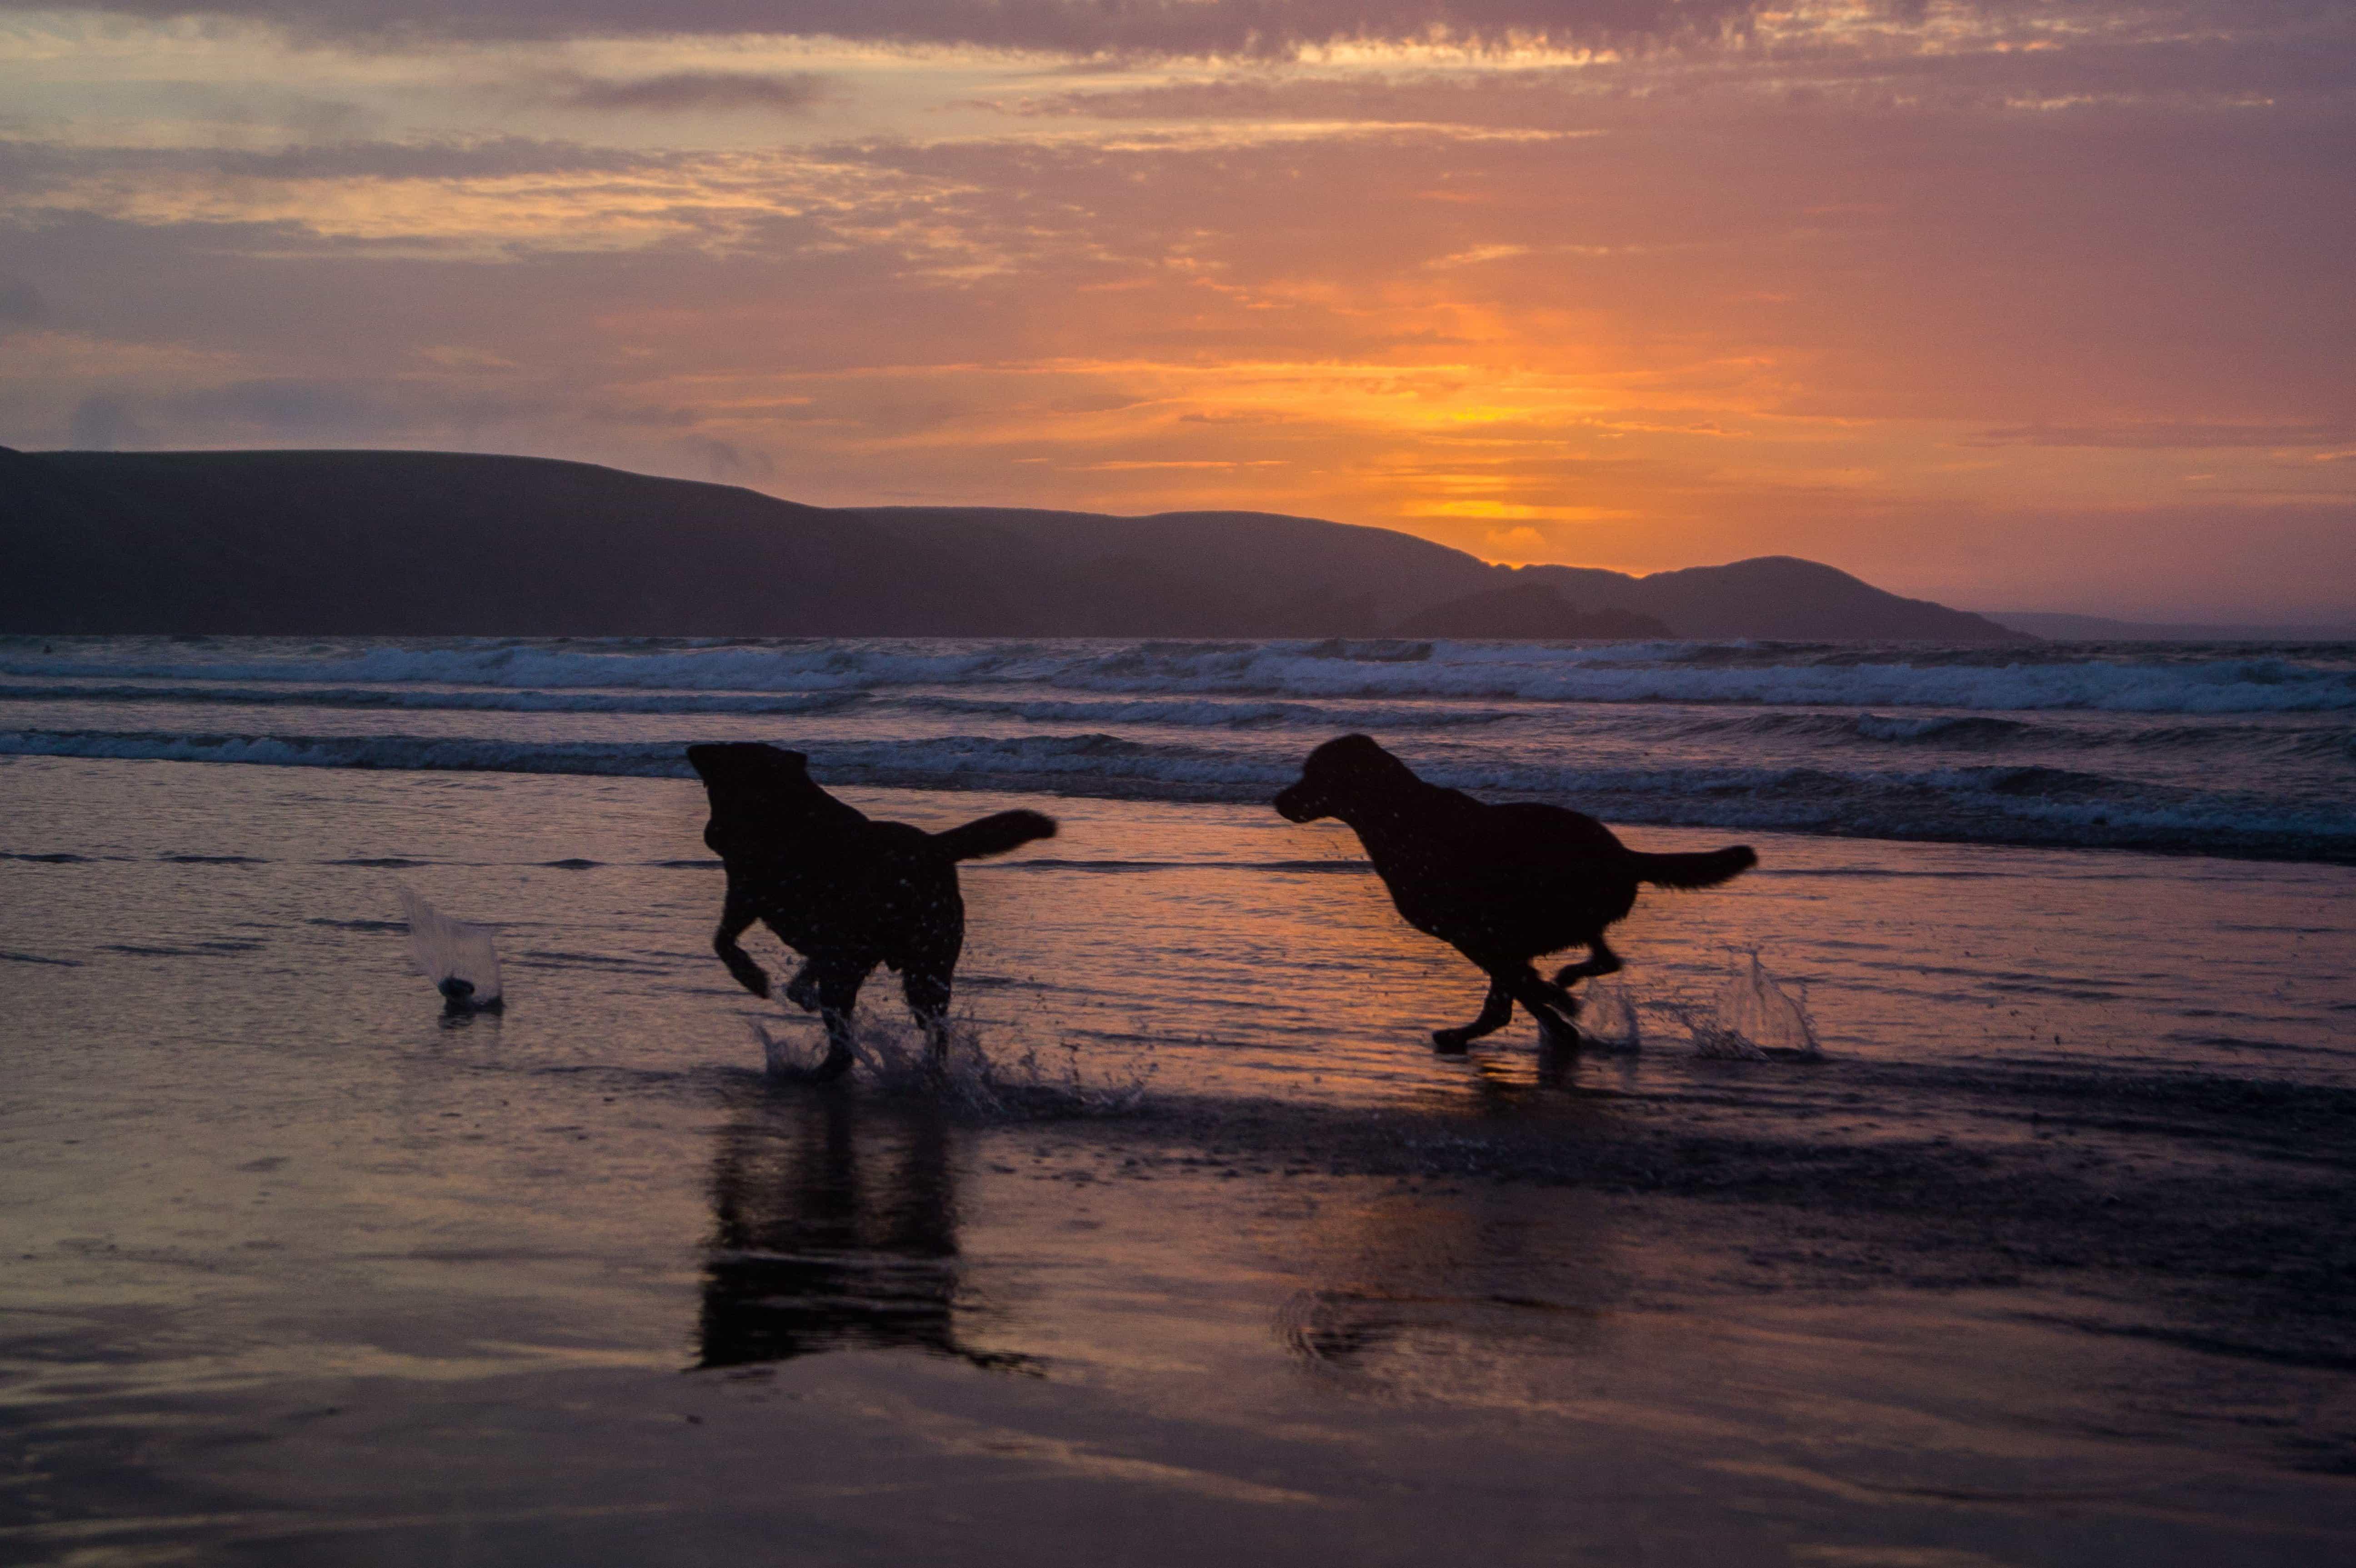 Ocean Animals Wallpaper Image Libre Eau Coucher De Soleil Plage Oc 233 An Chien